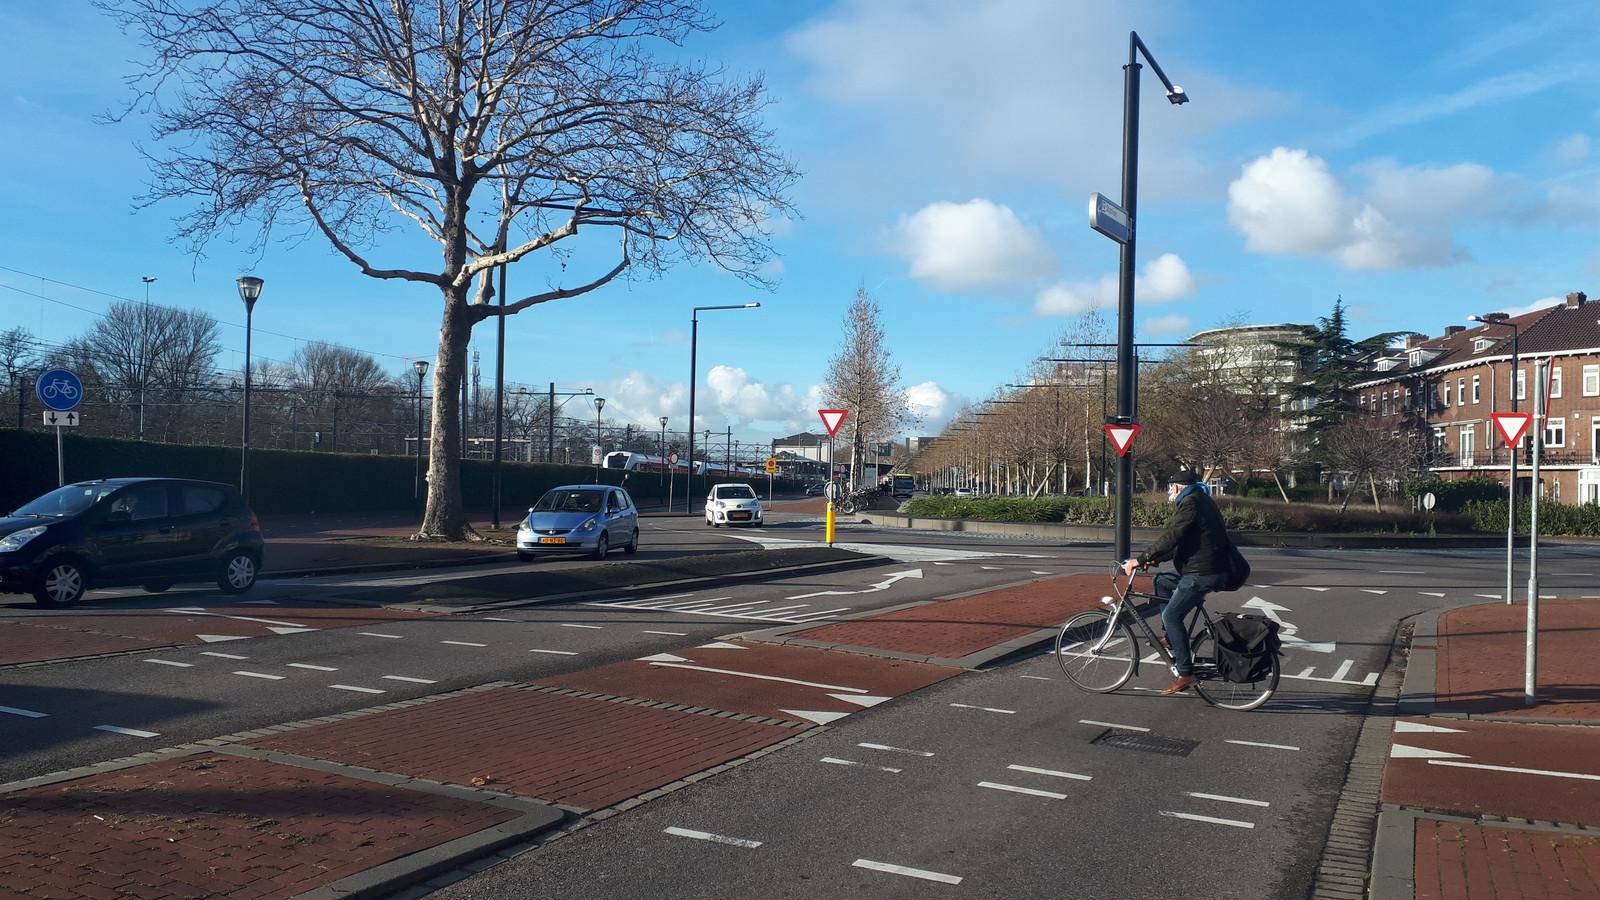 De rotonde op de kruising van de Burgemeester de Raadtsingel, de Transvaalstraat en de Toulonselaan in Dordrecht.